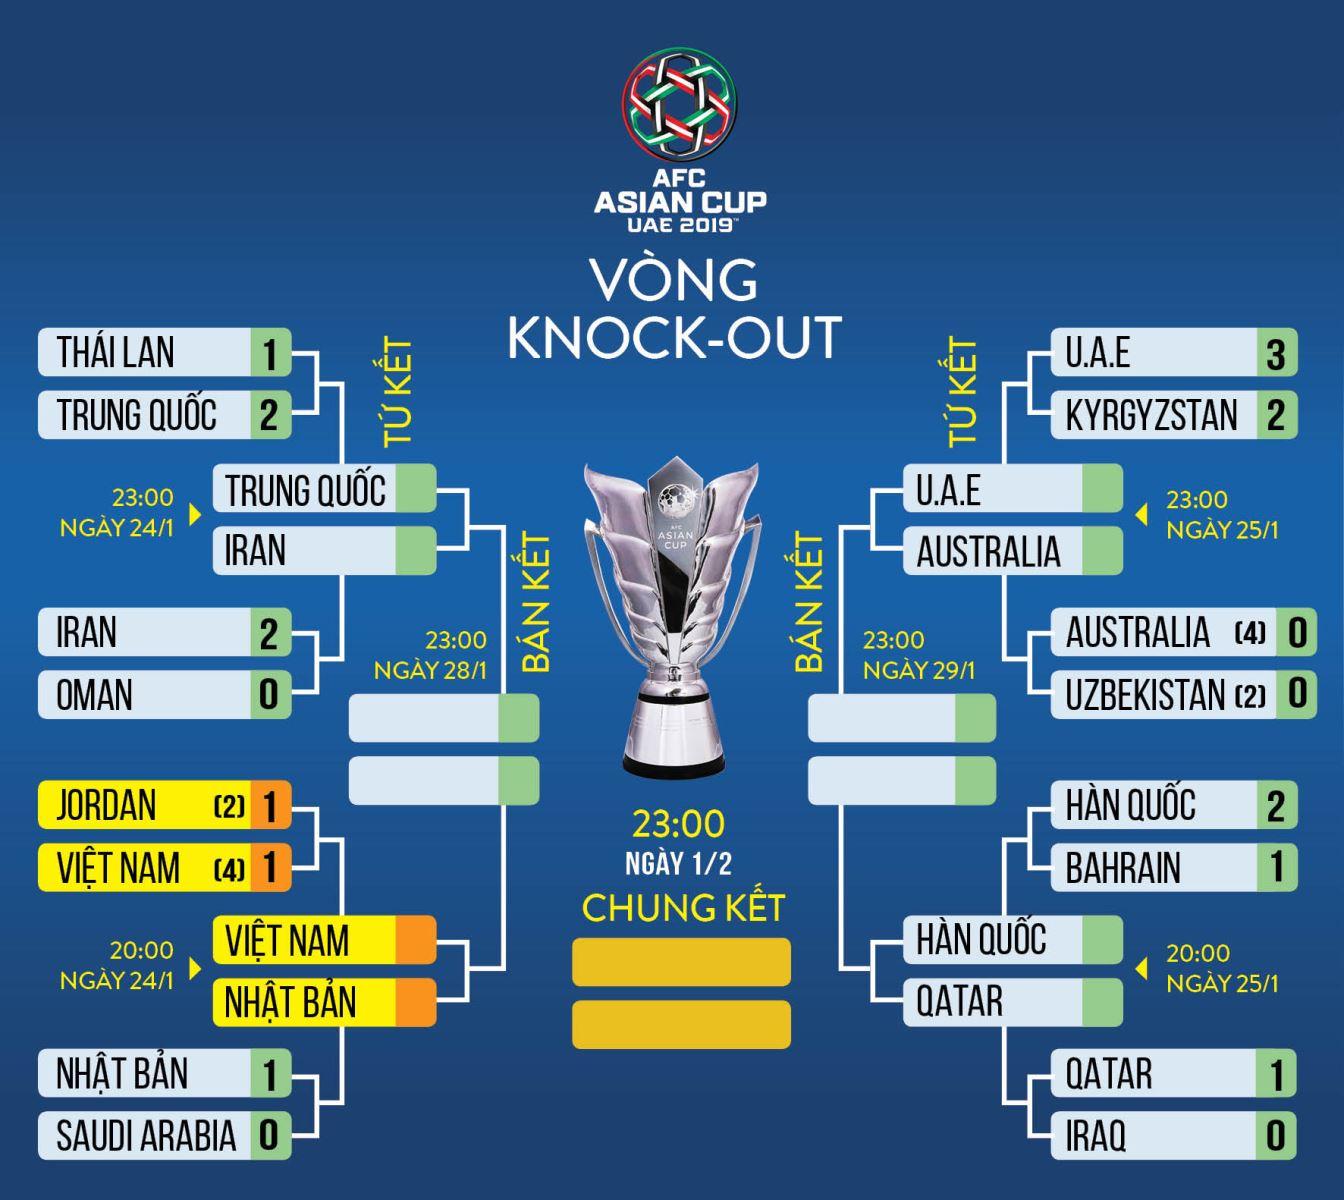 lịch thi đấu asian cup 2019 24h, xem bóng đá trực tiếp, vtv6, truc tiep bong da, việt nam vs nhật bản, viet nam vs nhat ban, việt nam đấu với nhật bản, vn và nhat ban